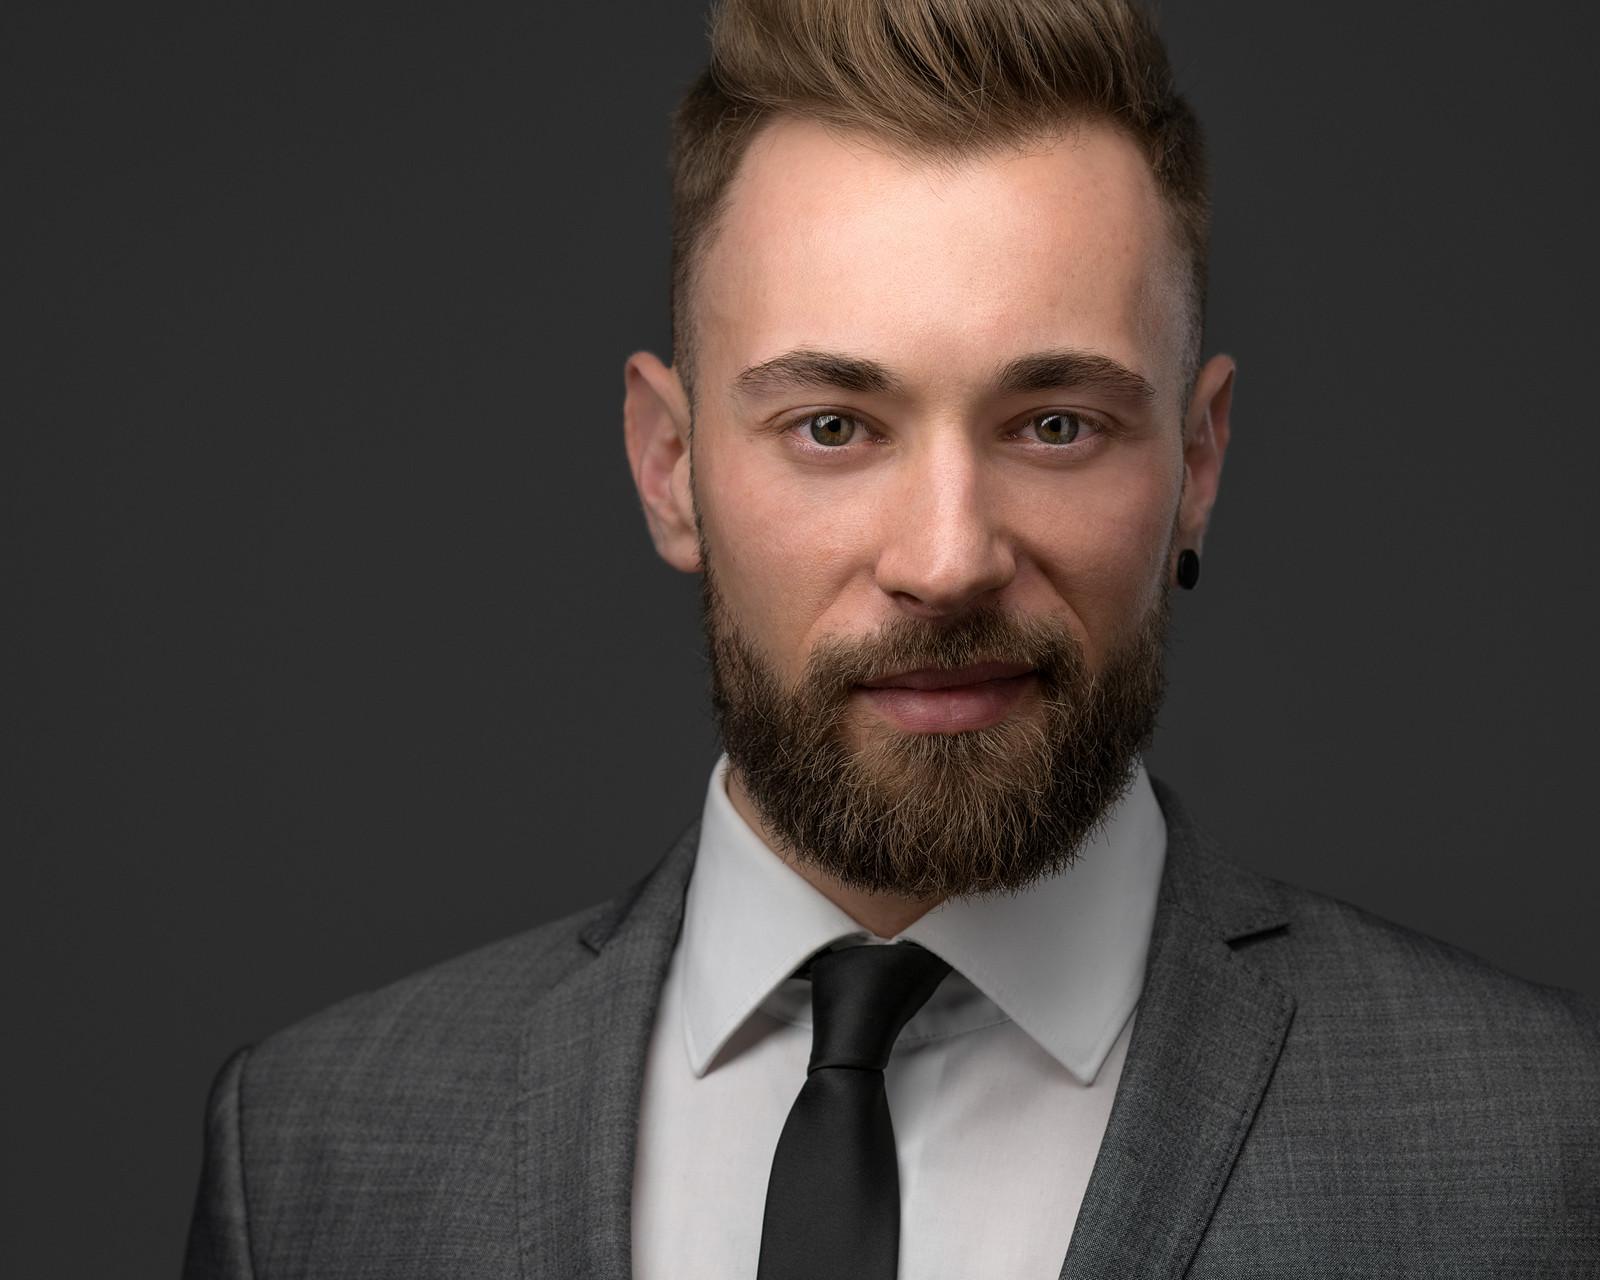 professionelles modernes Bewerbungsfoto Businessportrait